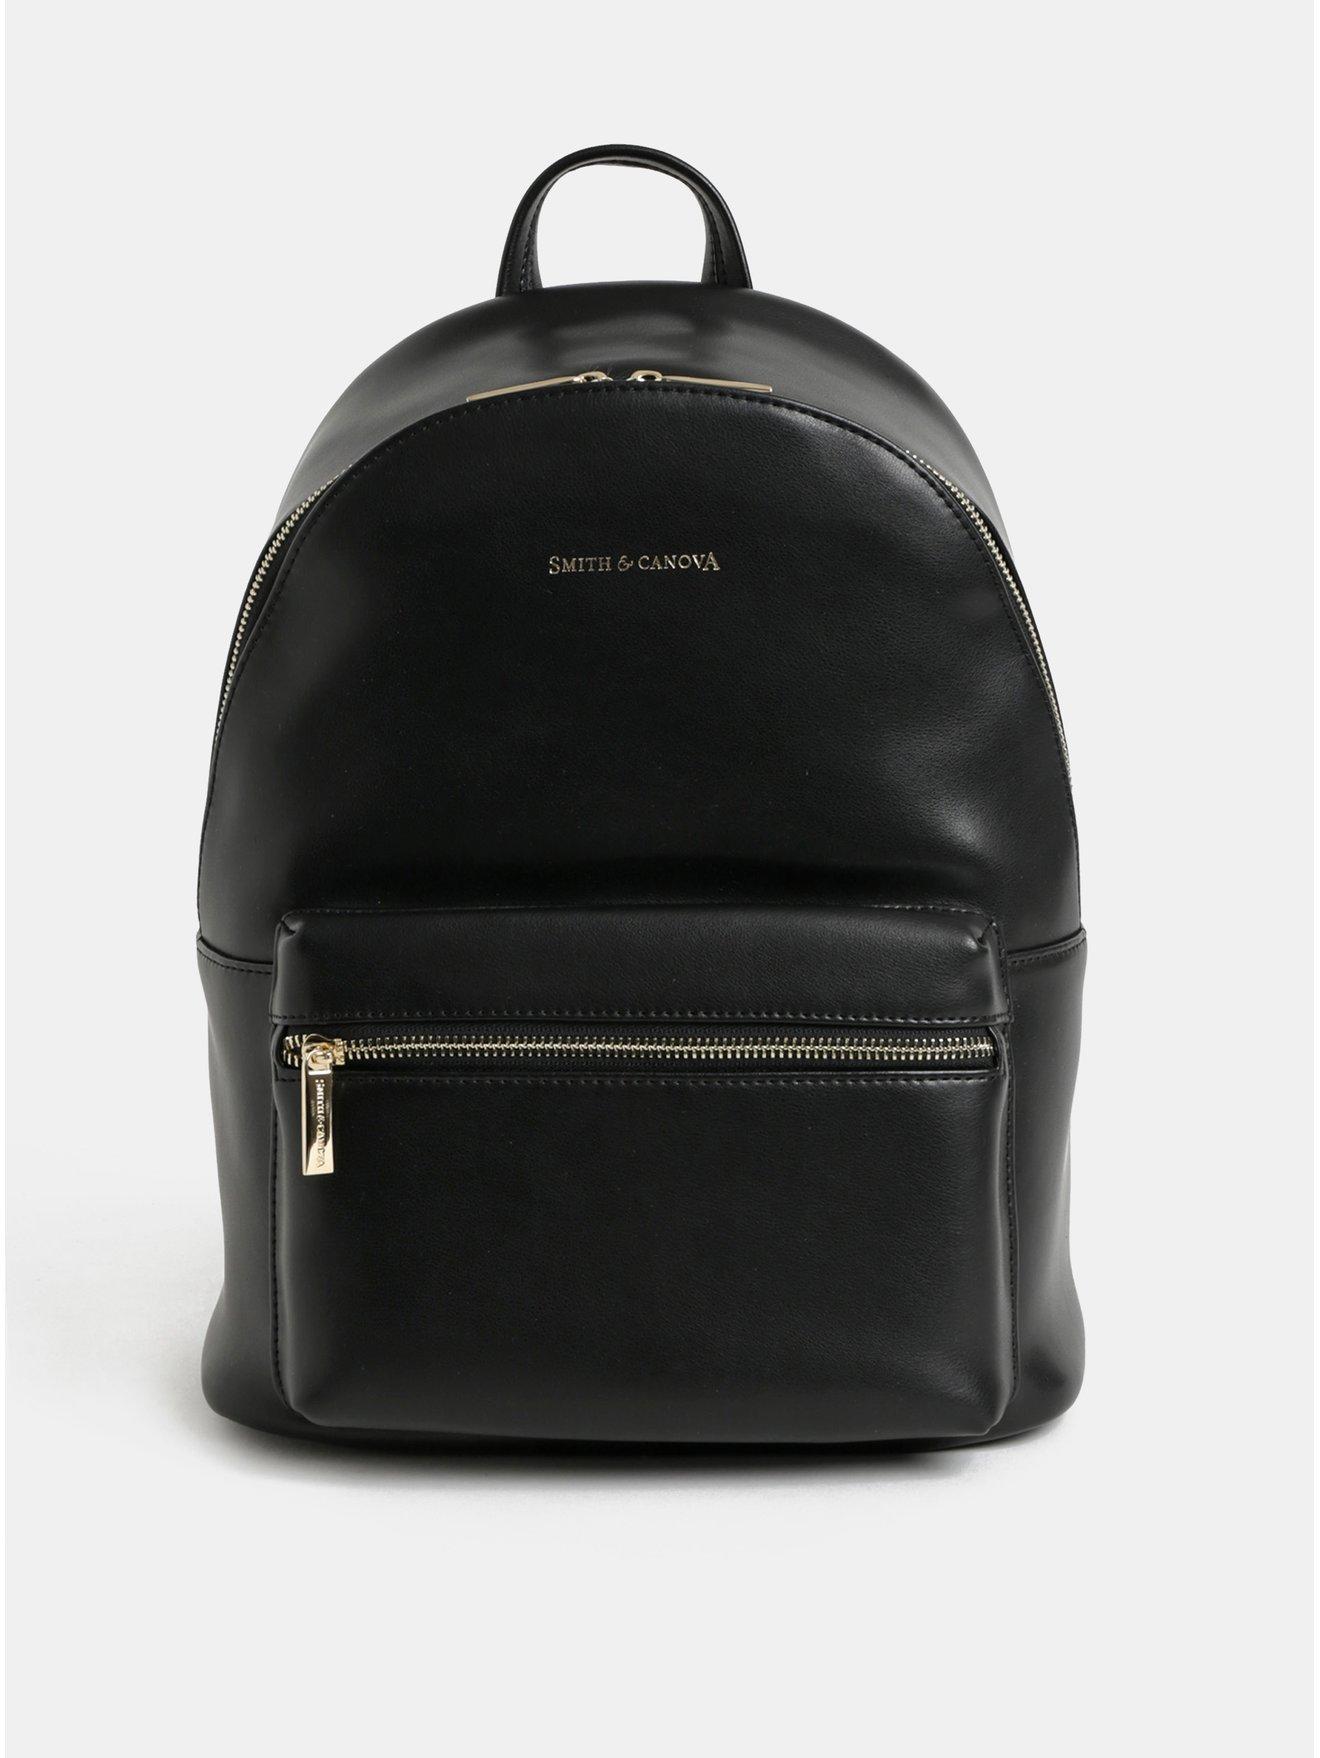 58a0a11eed6 Černý kožený batoh Smith   Canova